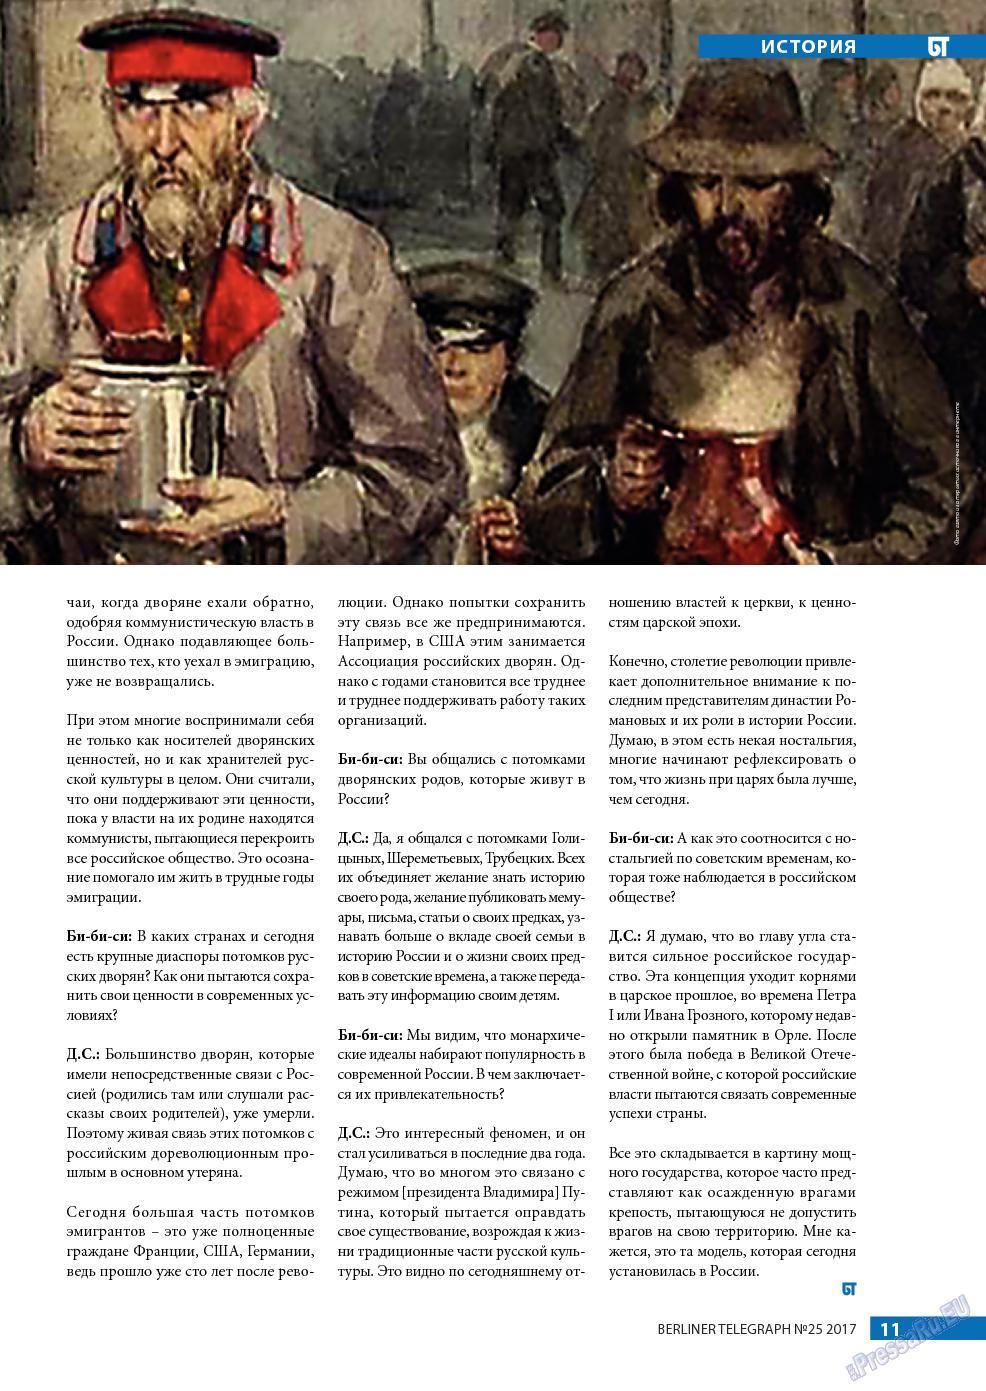 Берлинский телеграф (журнал). 2017 год, номер 25, стр. 11